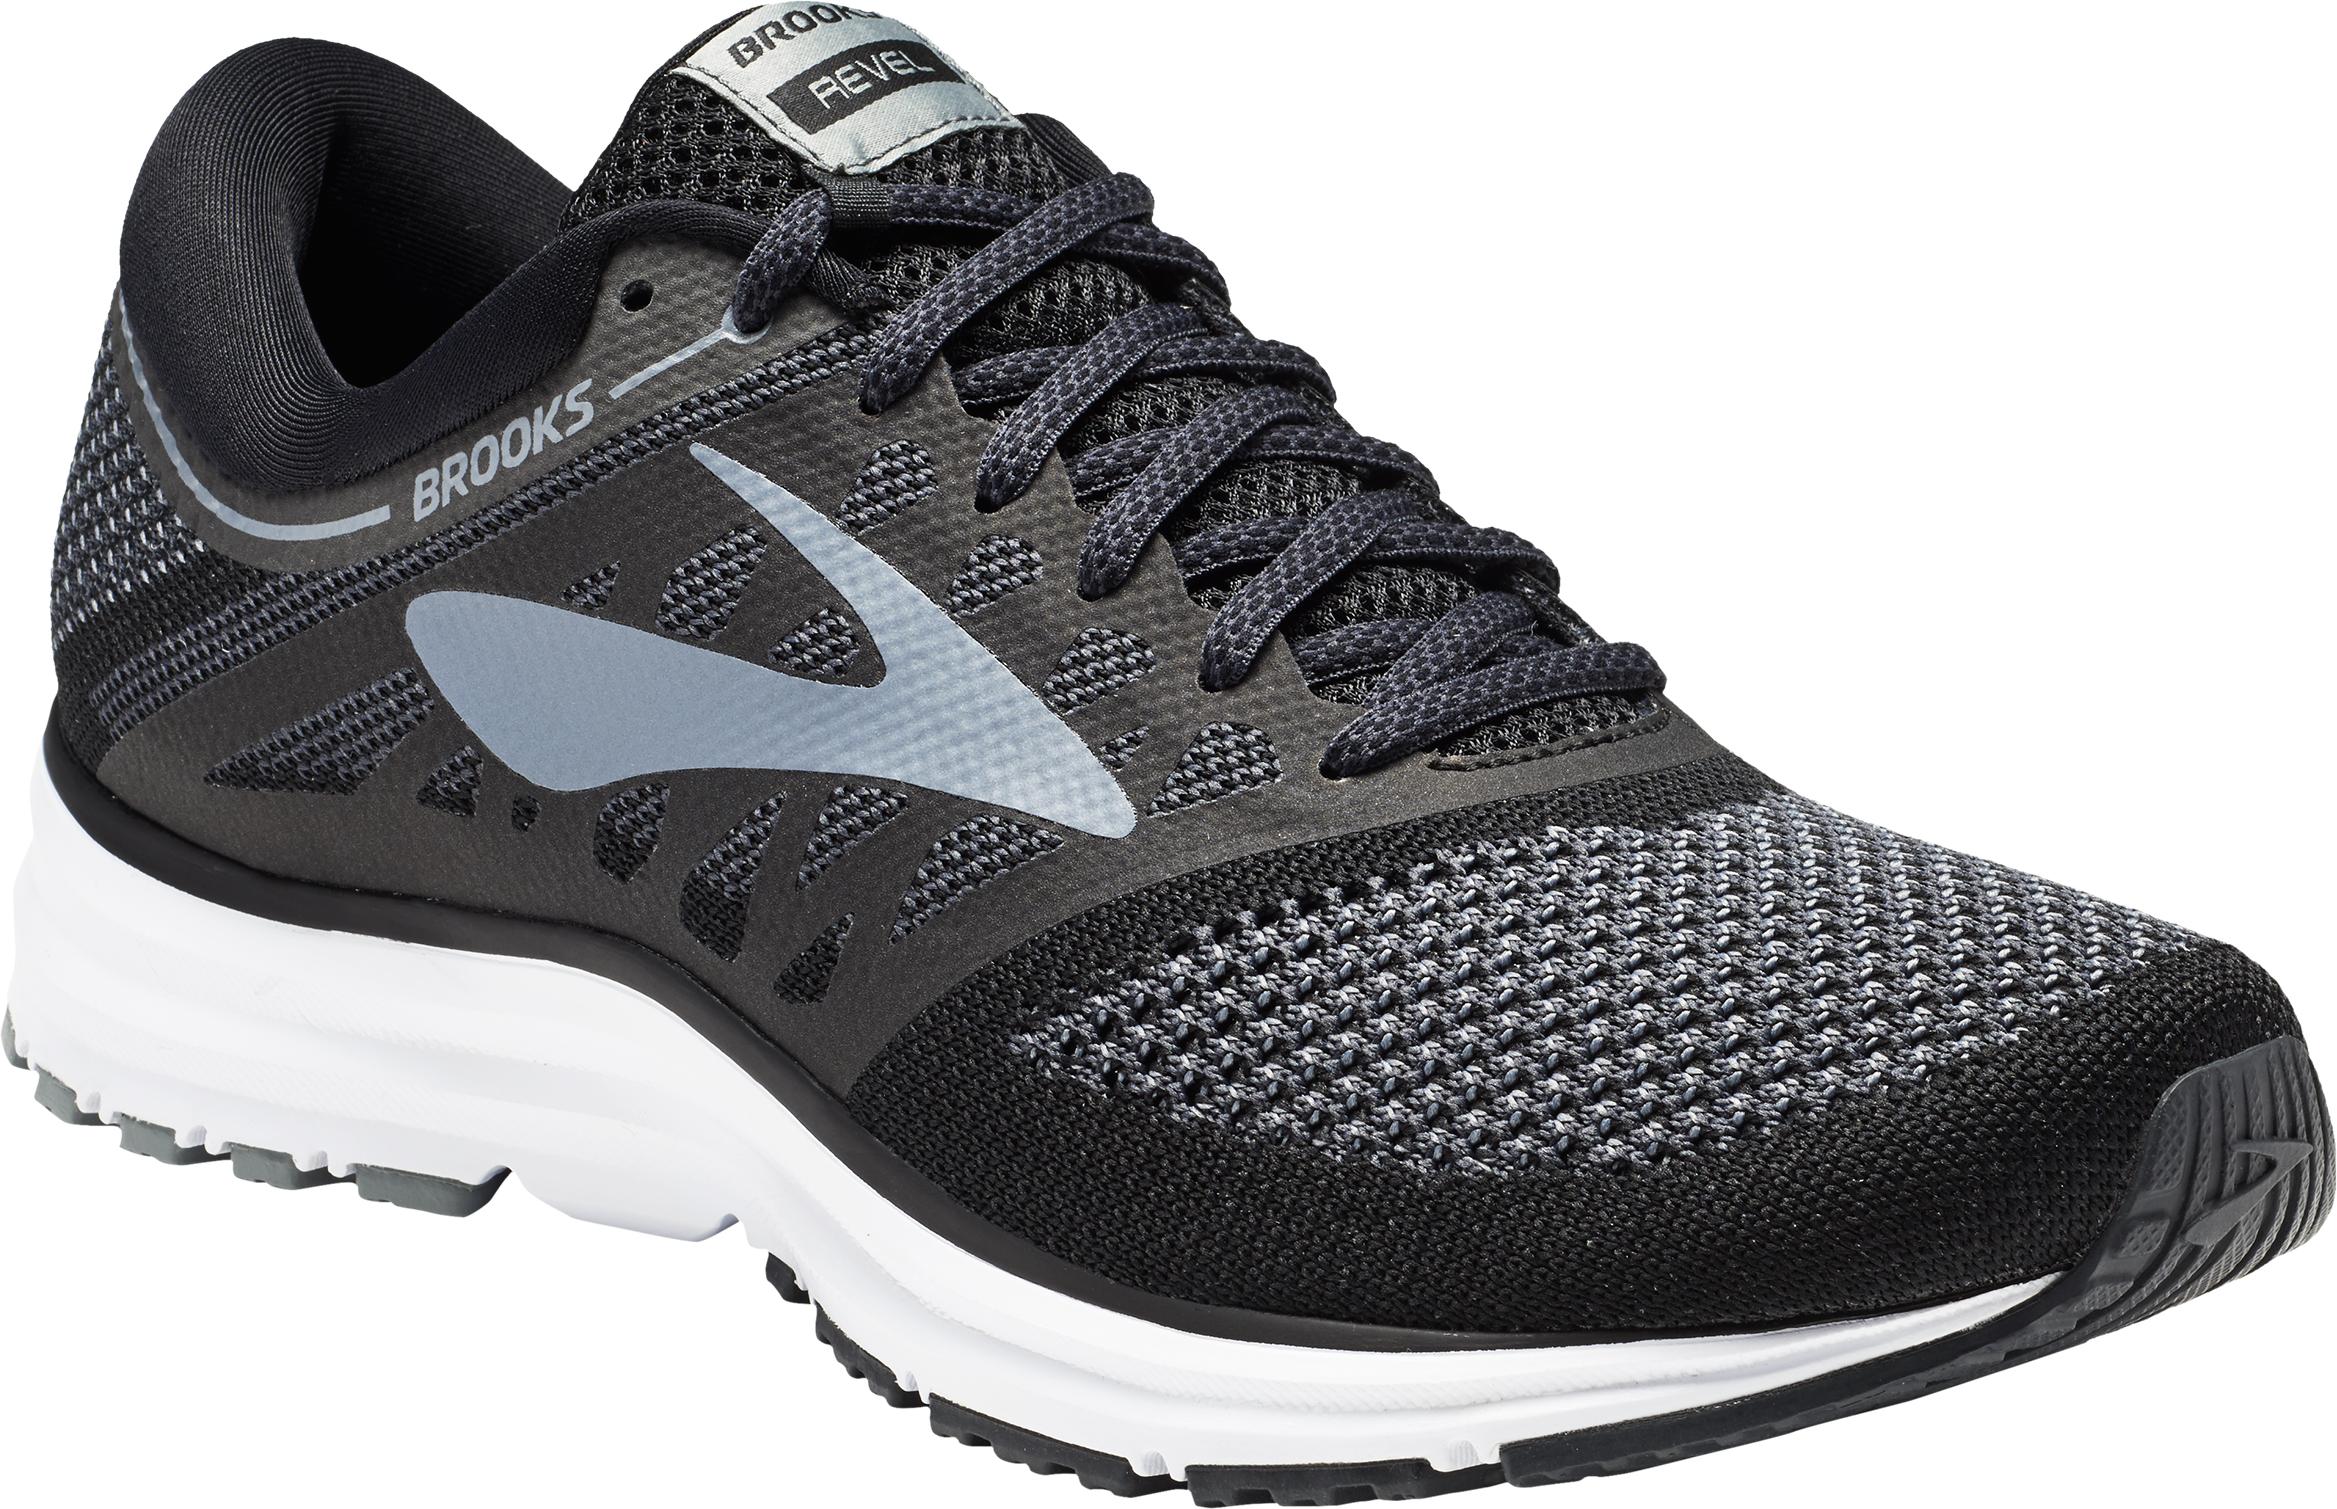 43eb212f33f2e Brooks Revel Road Running Shoes - Men s